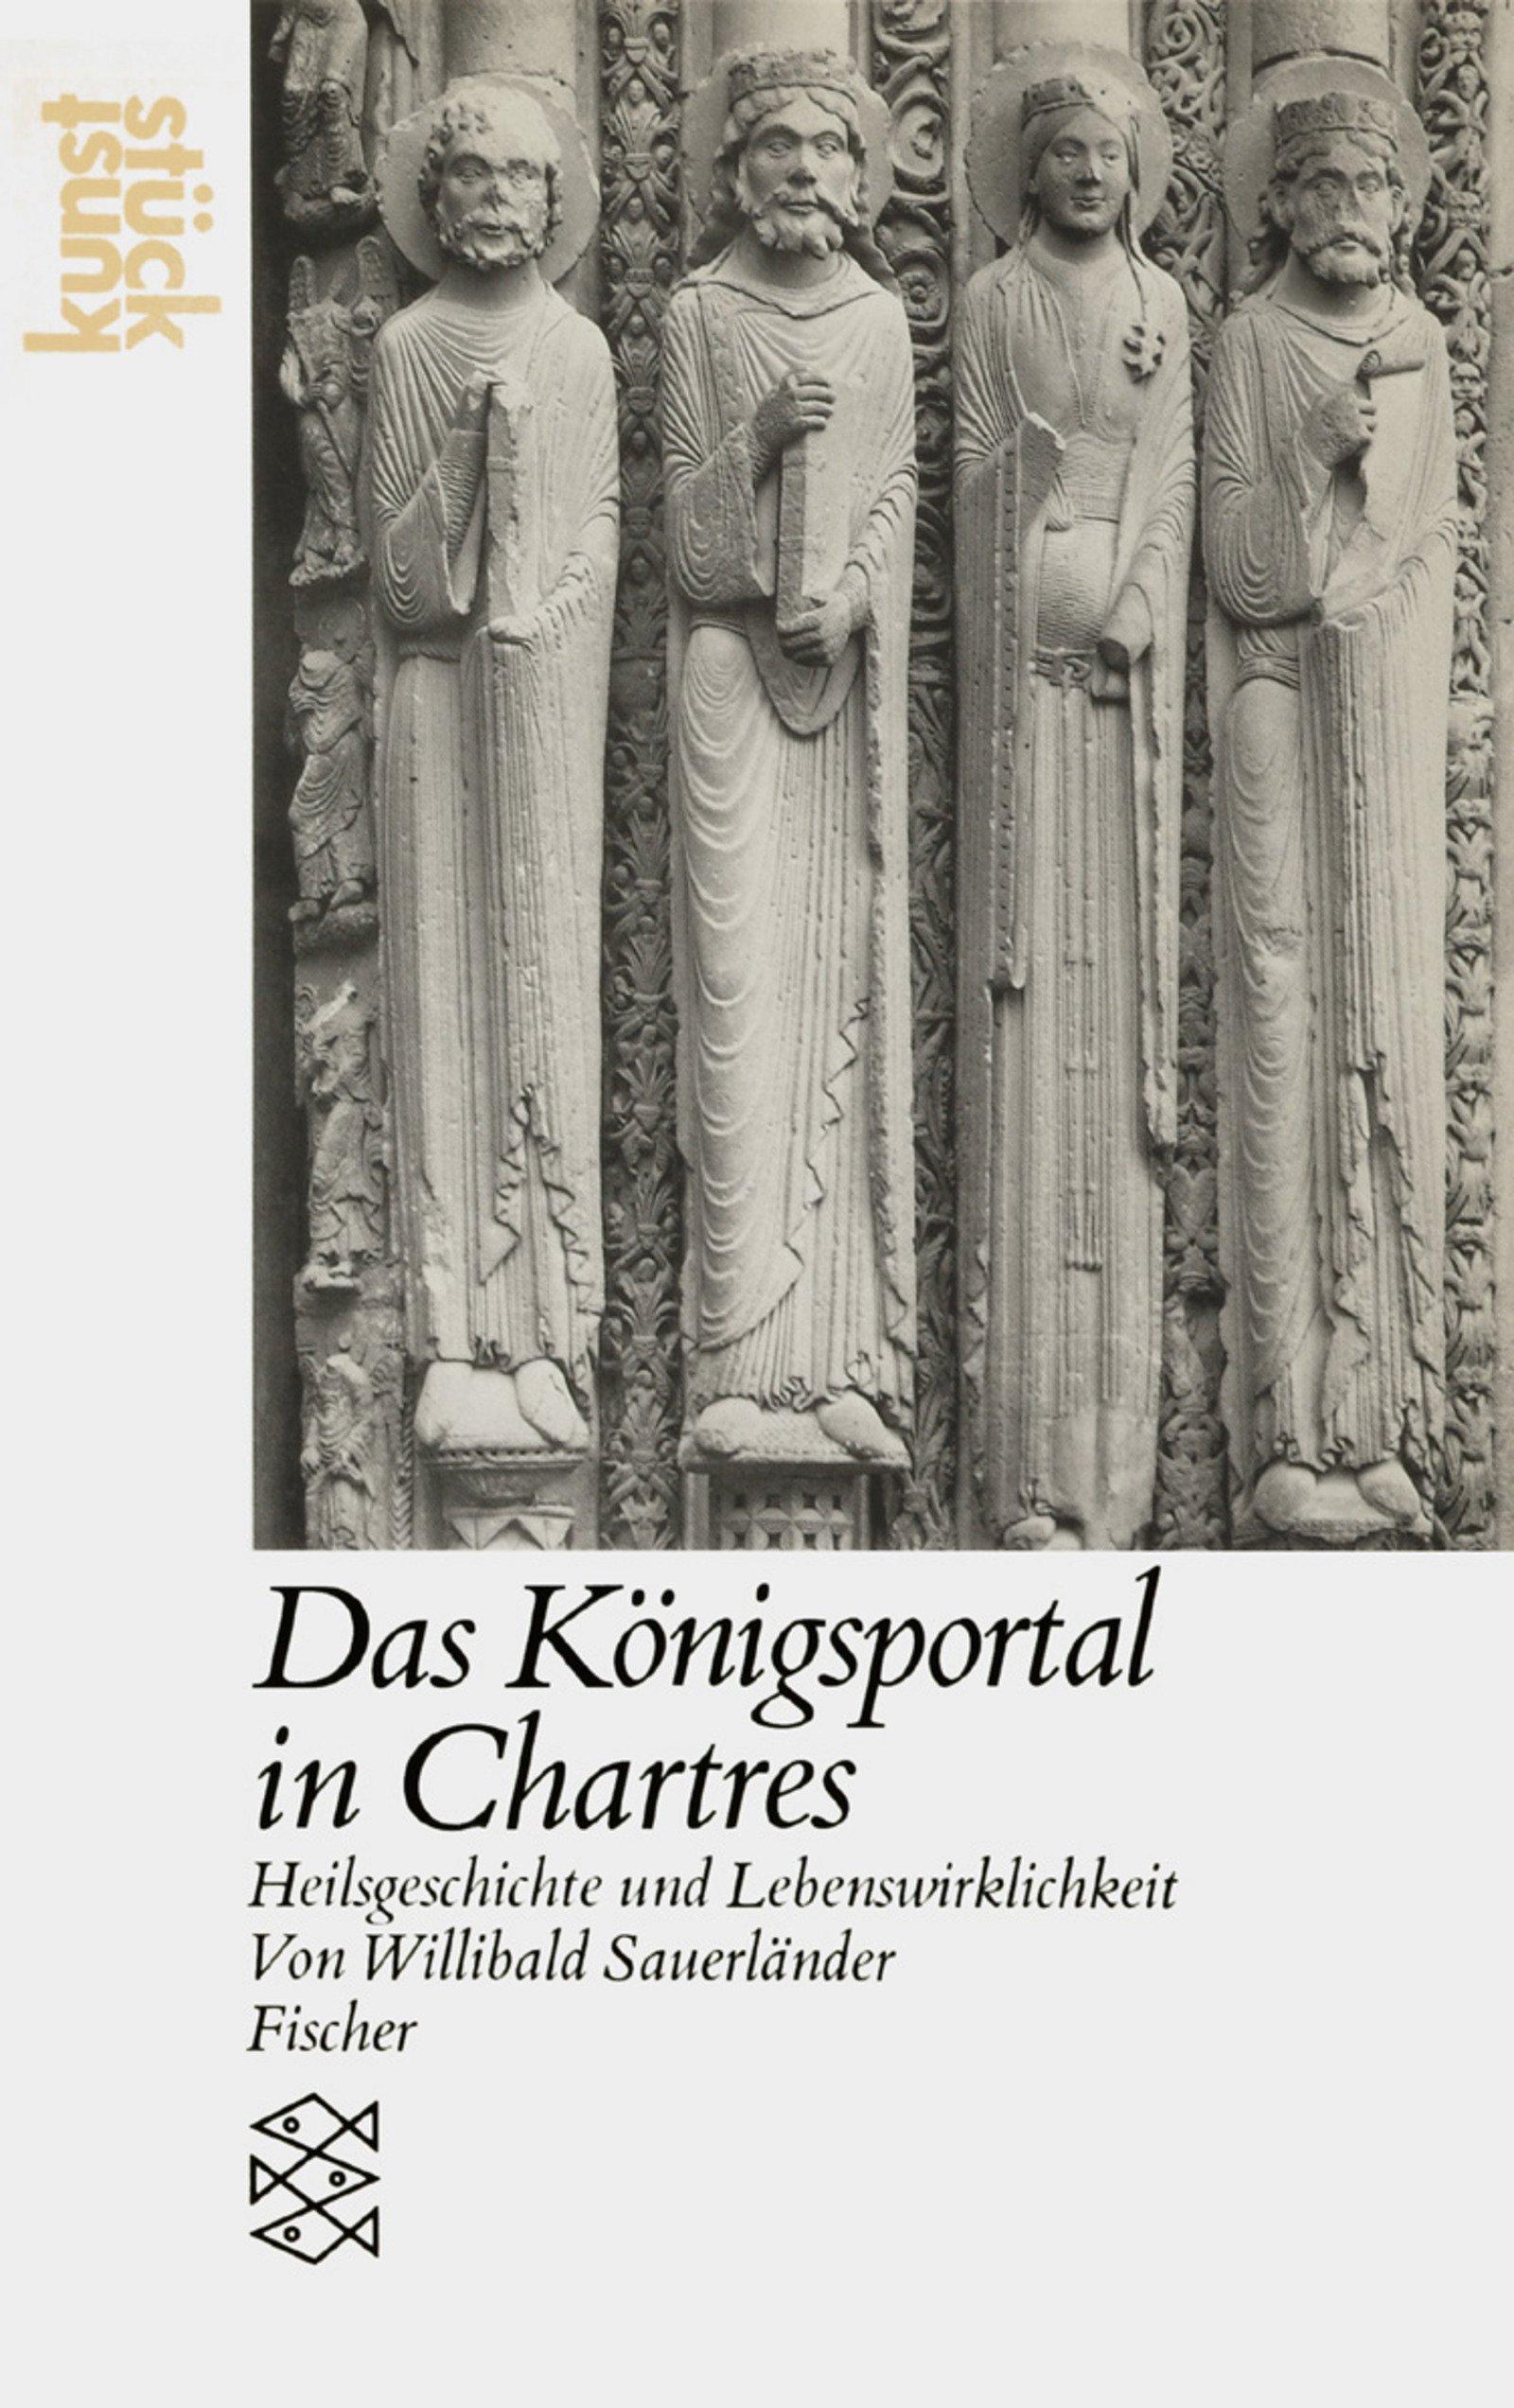 Das Königsportal in Chartres: Heilsgeschichte und Lebenswirklichkeit